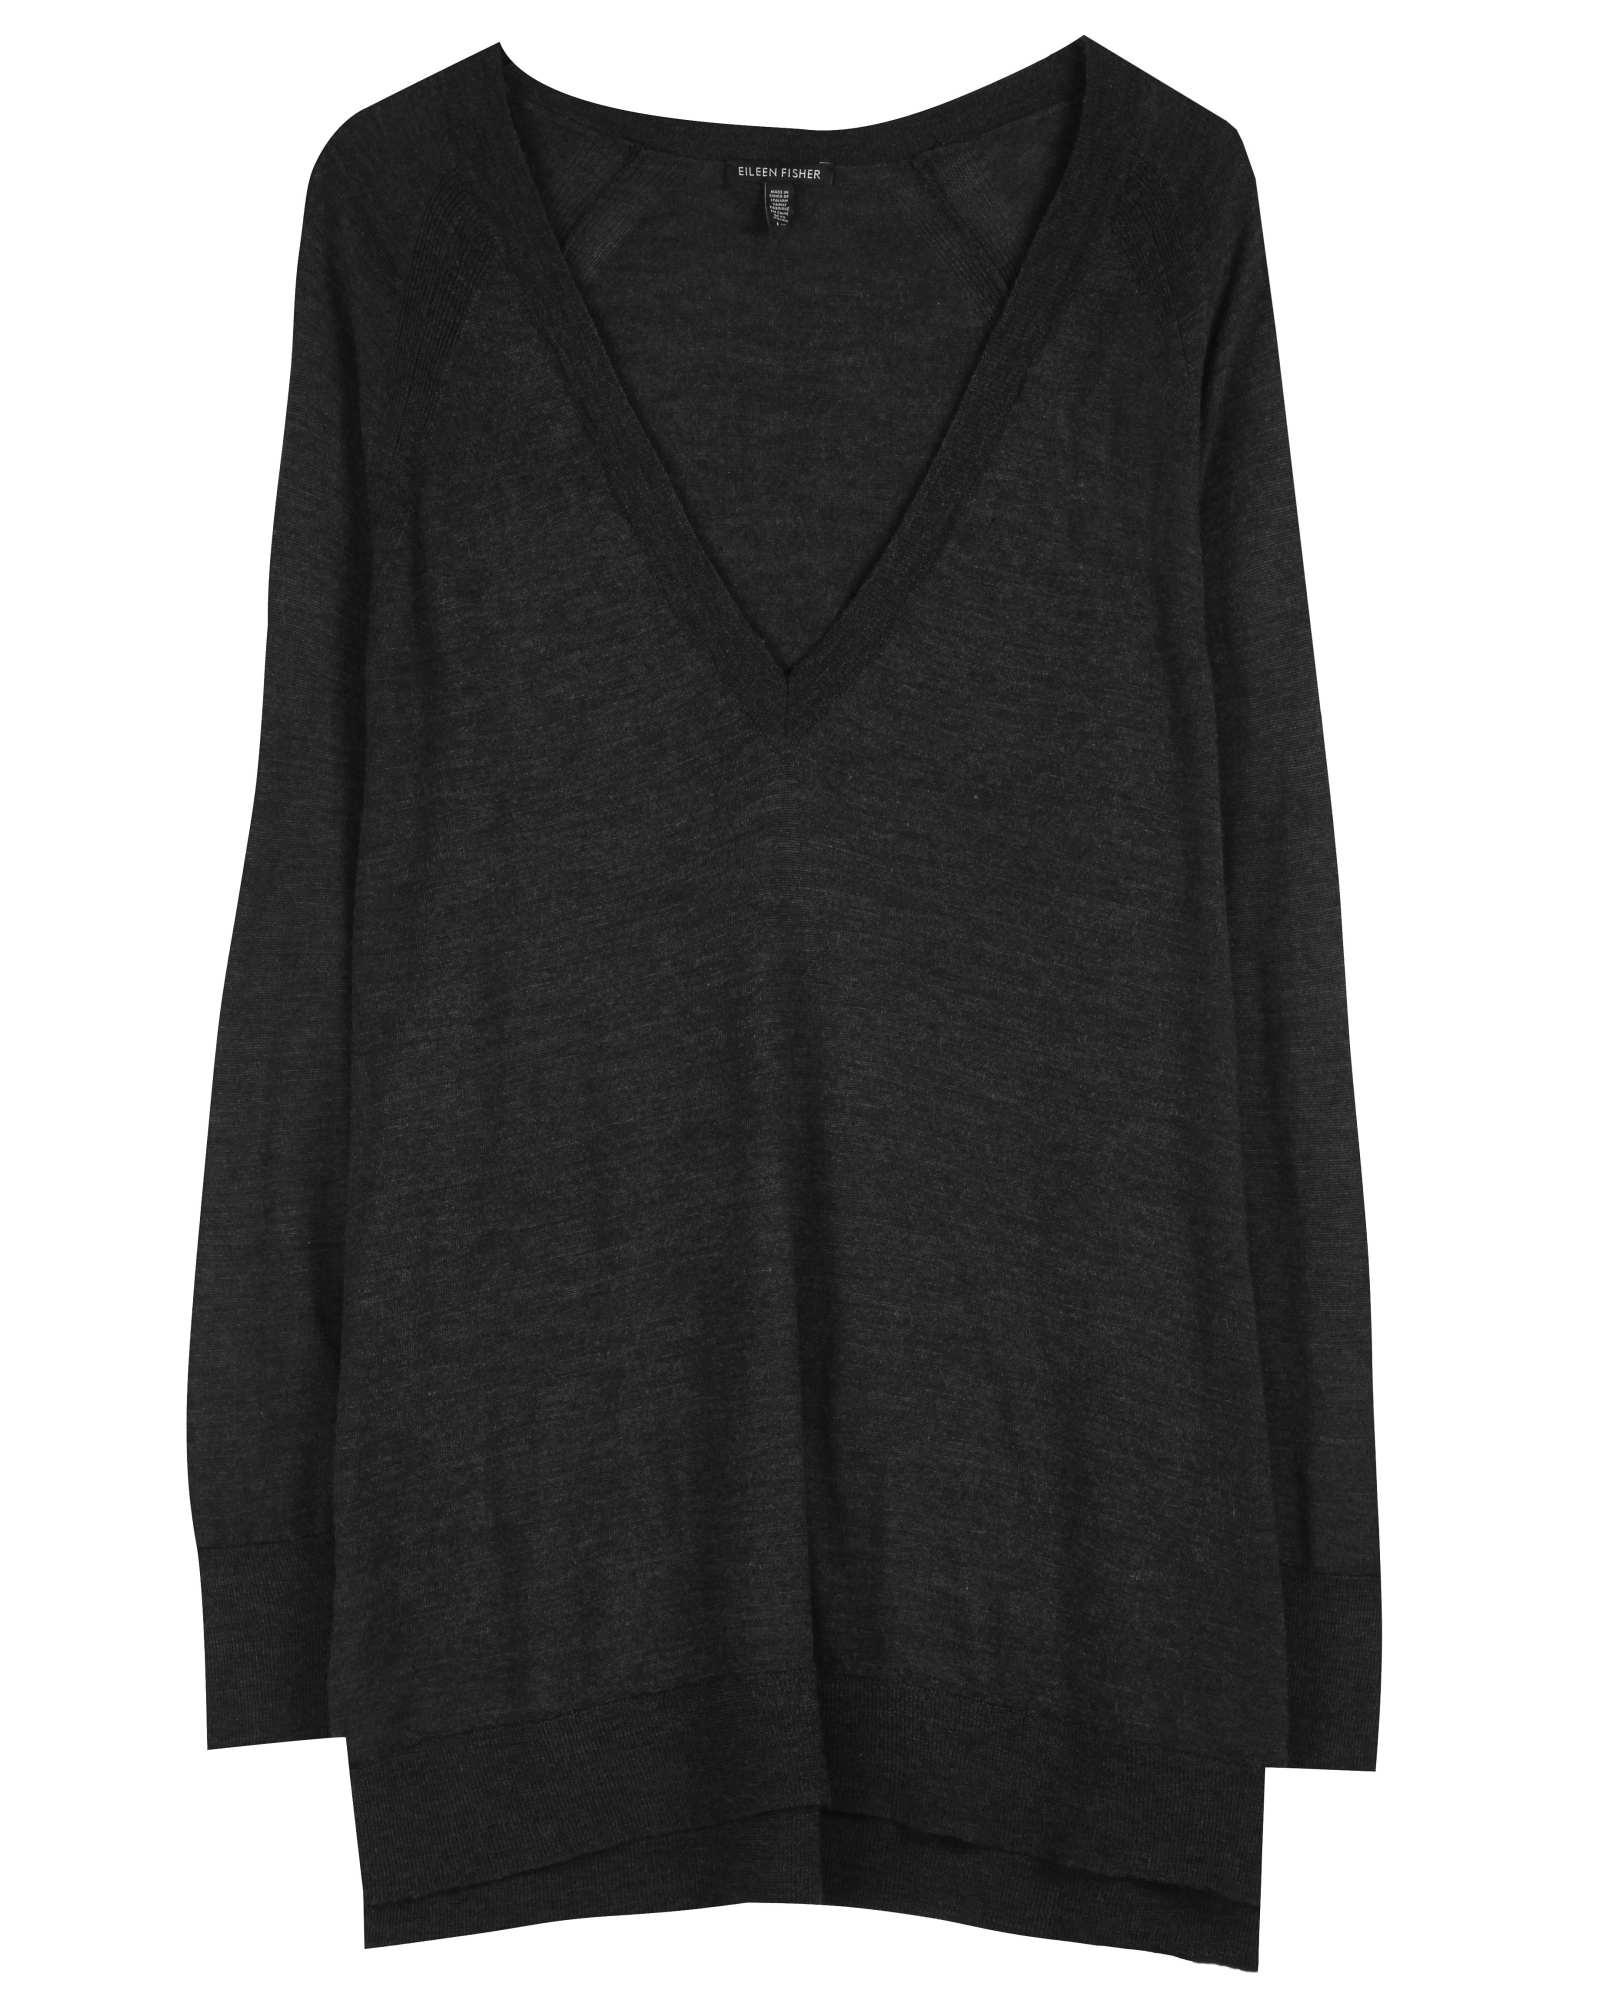 Fine Merino Jersey Pullover